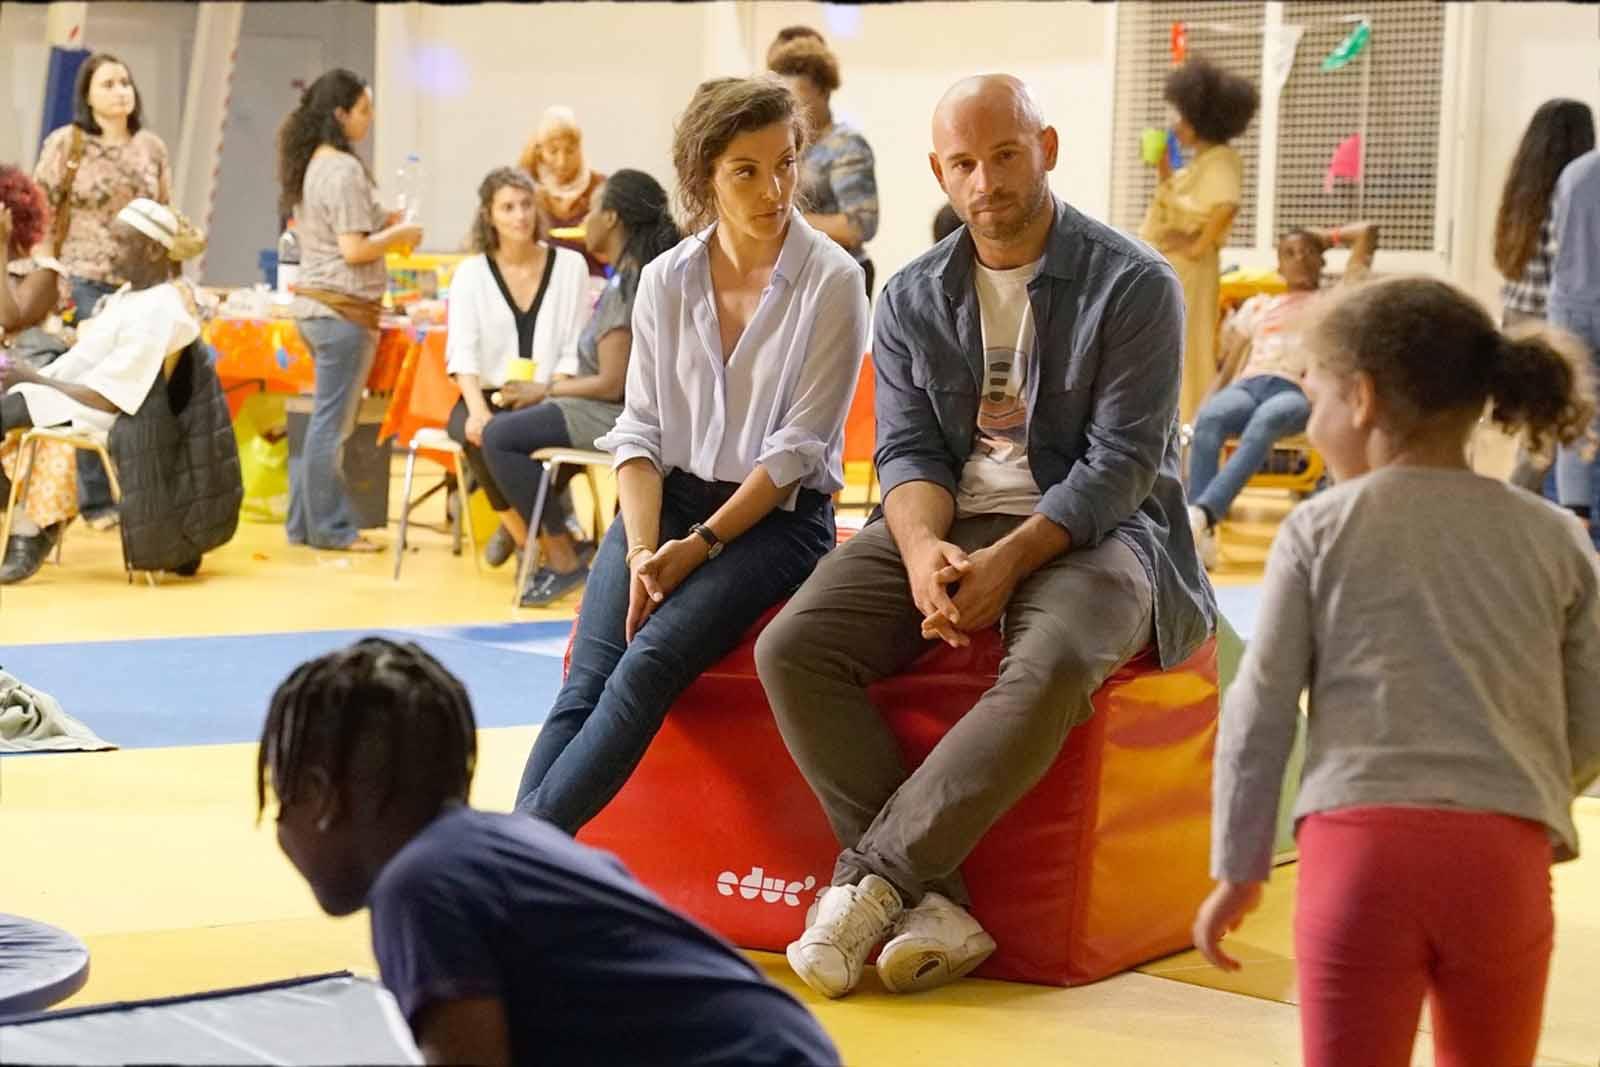 Damien veut changer le monde Photo Camille Lellouche Franck Gastambide avis film critique